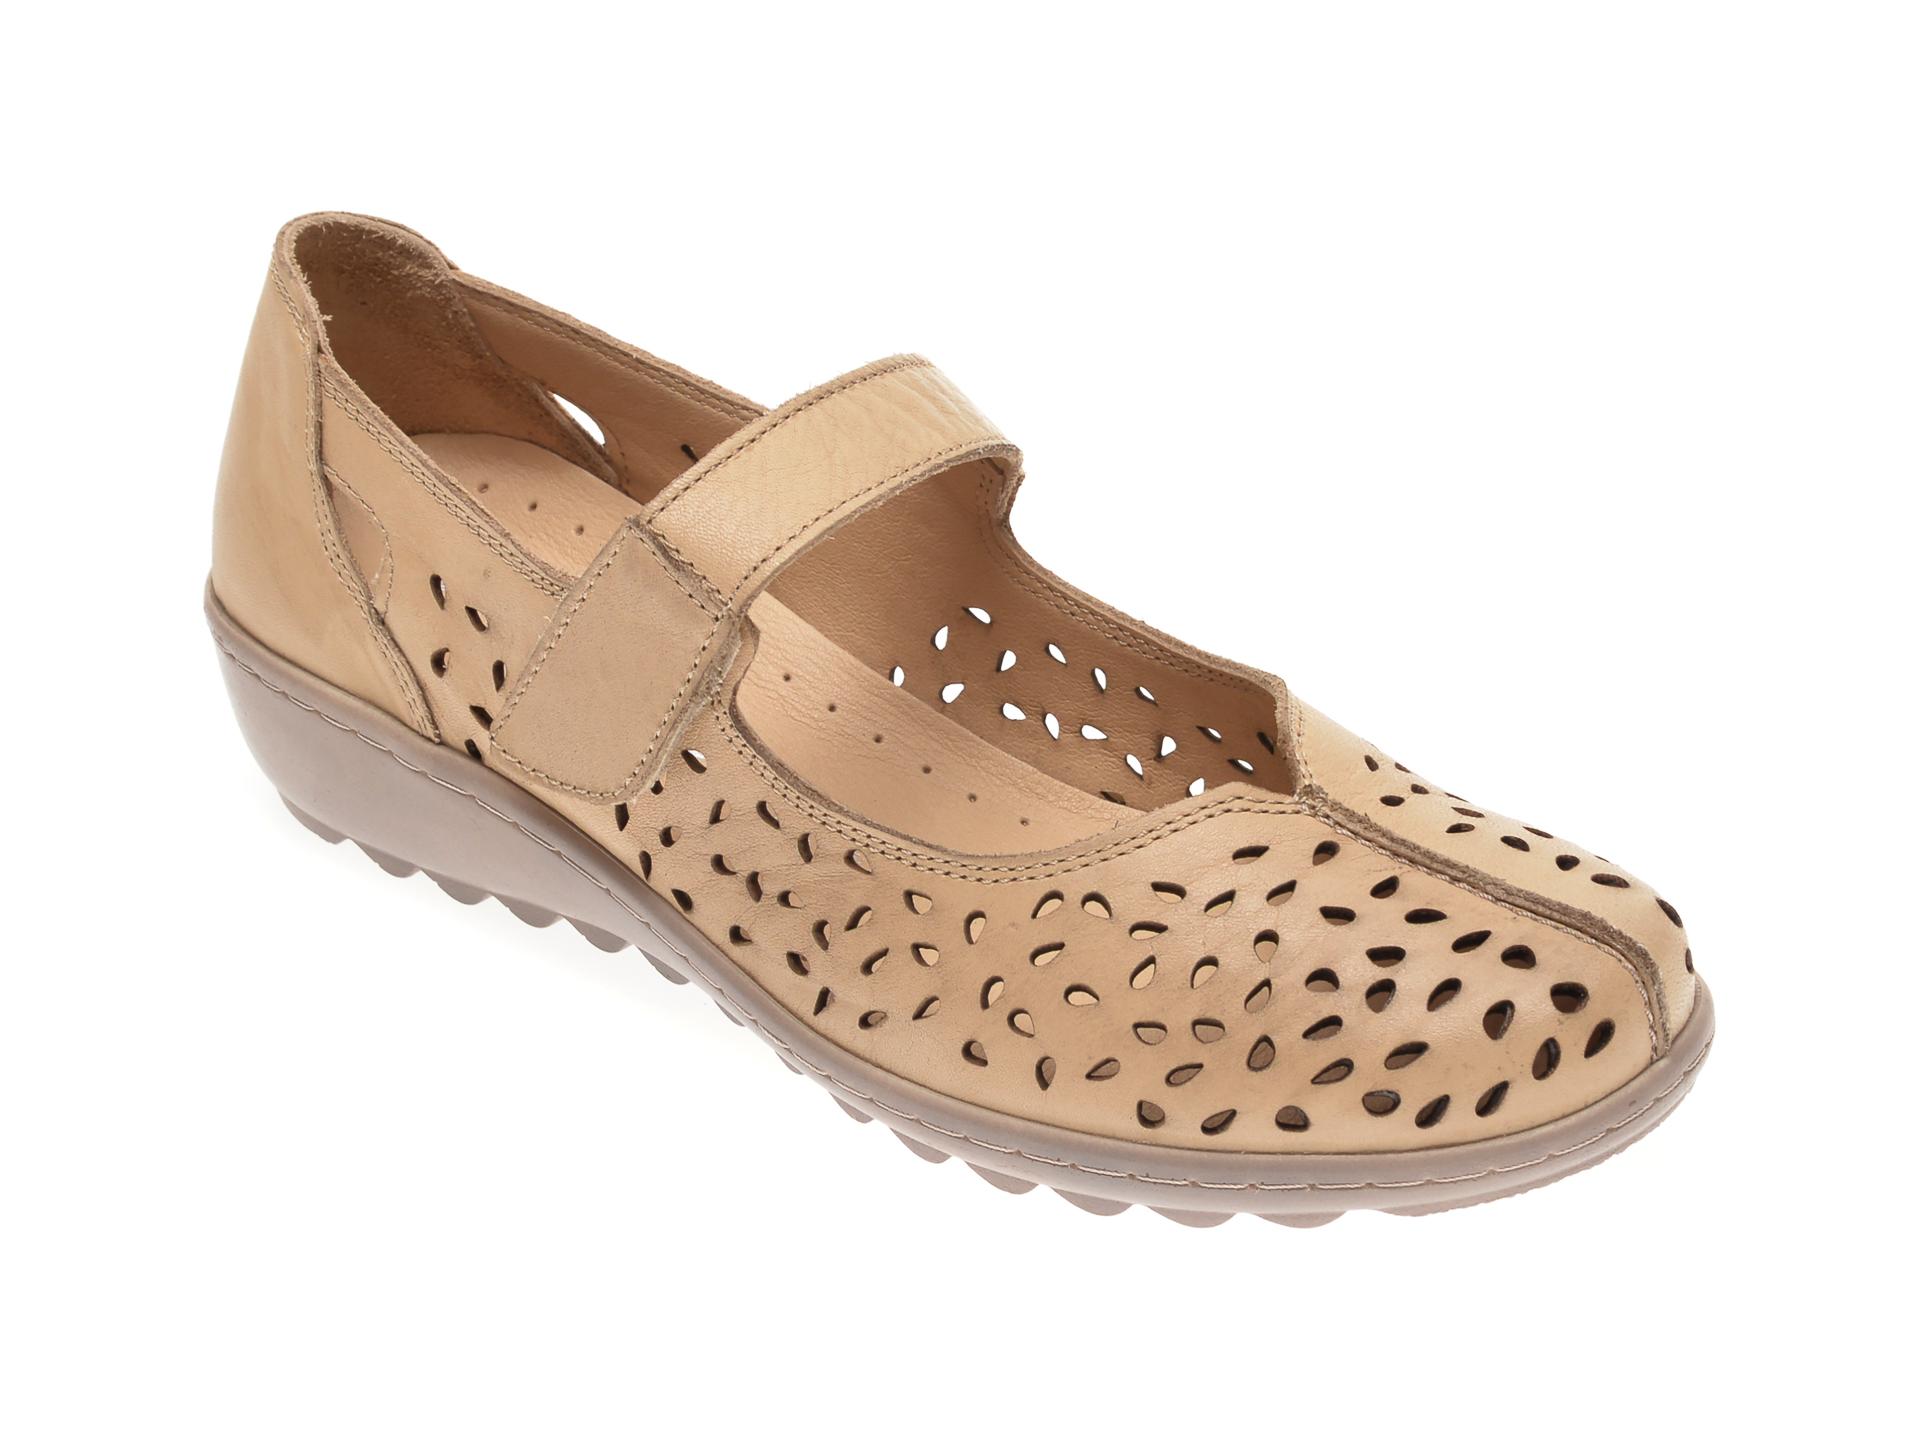 Pantofi LUMEL bej, 203, din piele naturala imagine